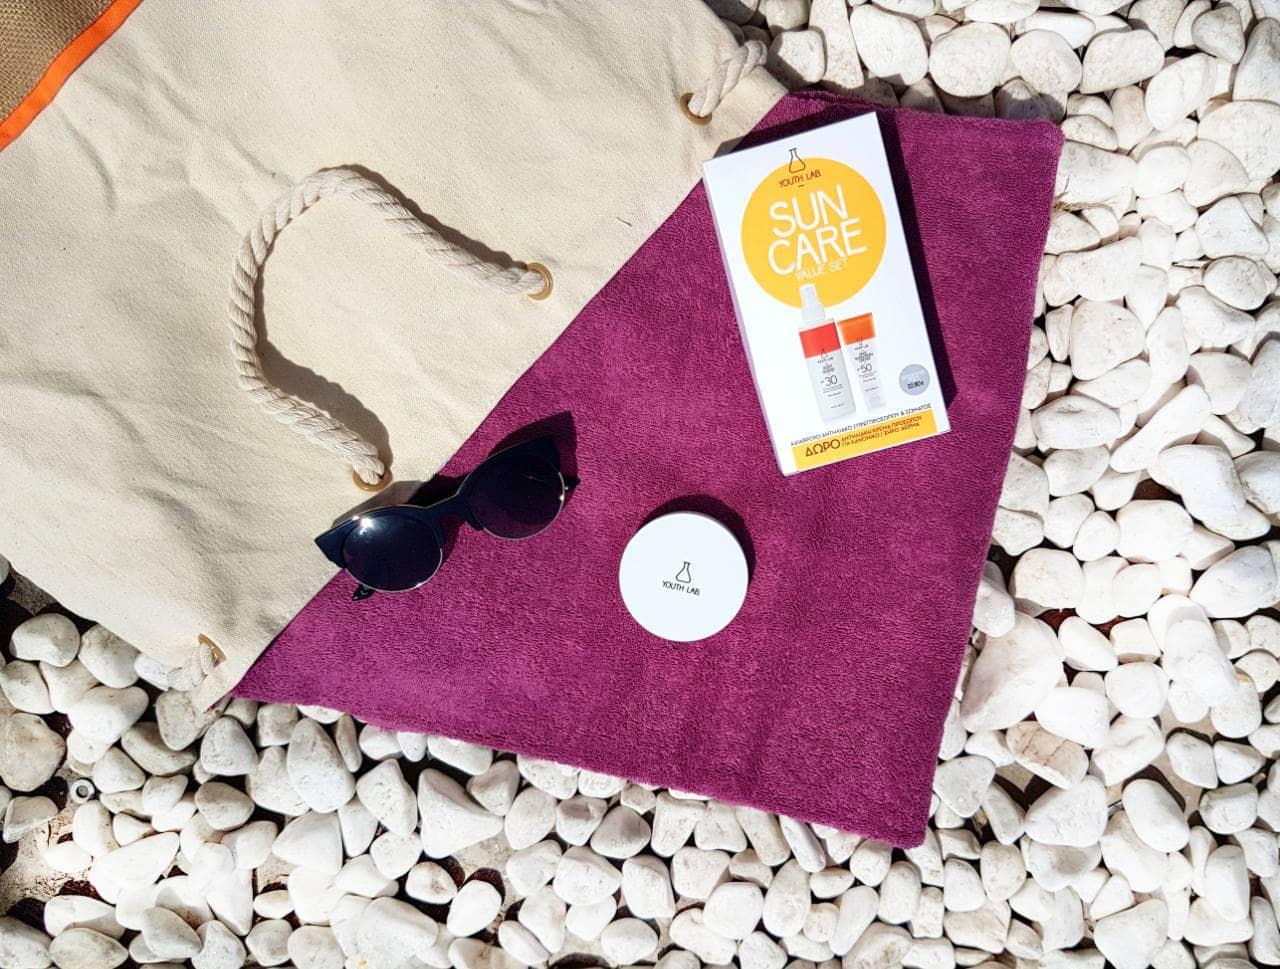 Πως θα προστατέψεις το δέρμα σου από την ηλιακή ακτινοβολία!